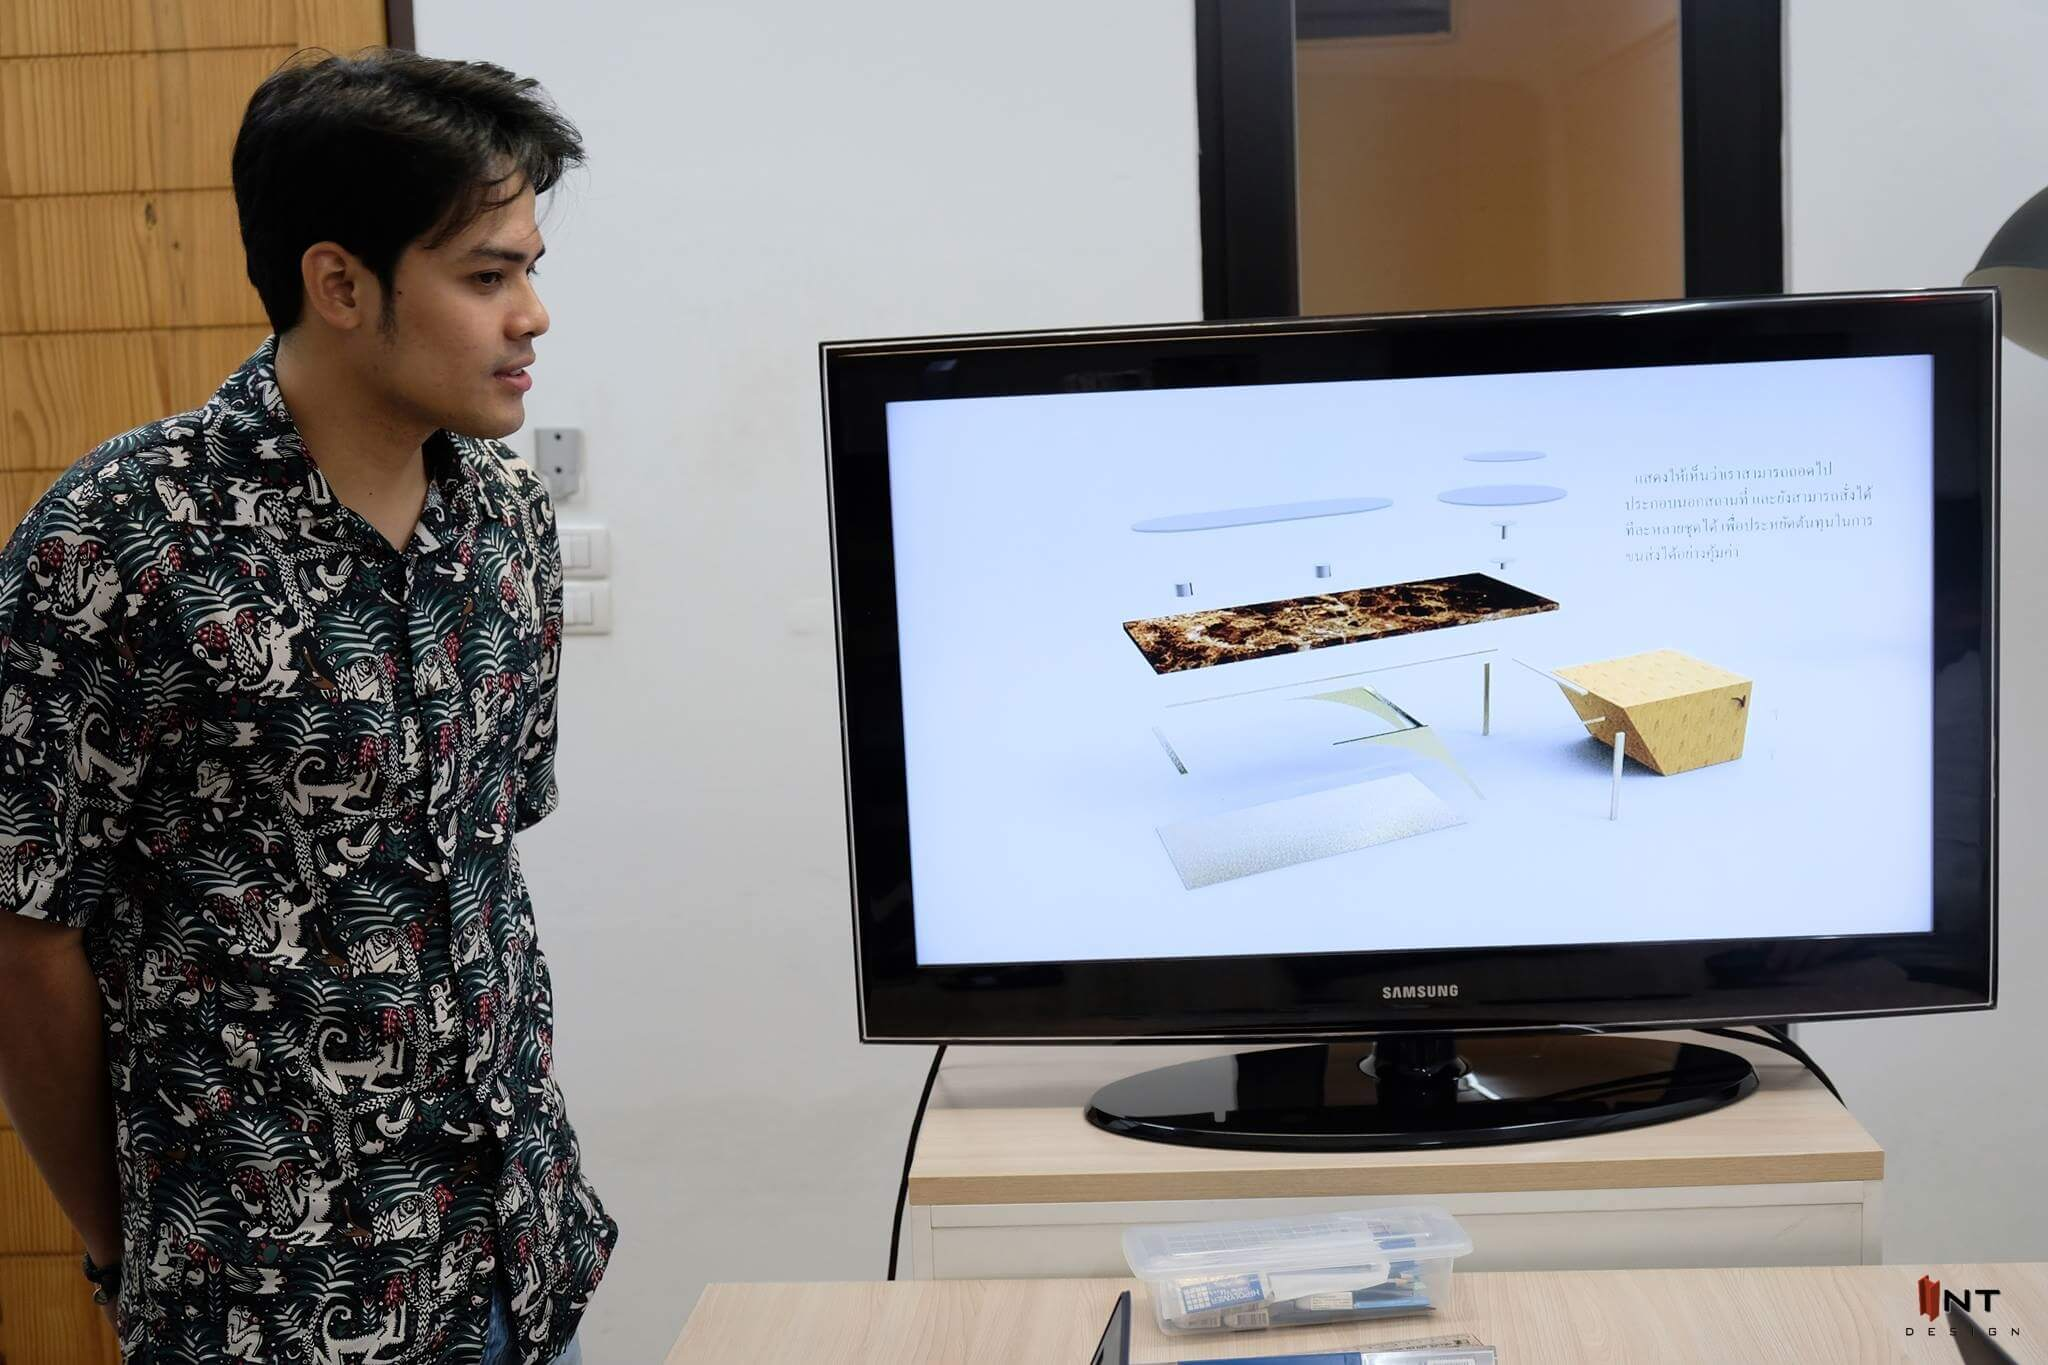 เรียนออกแบบเฟอร์นิเจอร์- เรียน Furniture Design Course-เรียนออกแบบผลิตภัณฑ์-เรียน Product Design-ออกแบบสินค้า-สอนออกแบบระยะสั้น